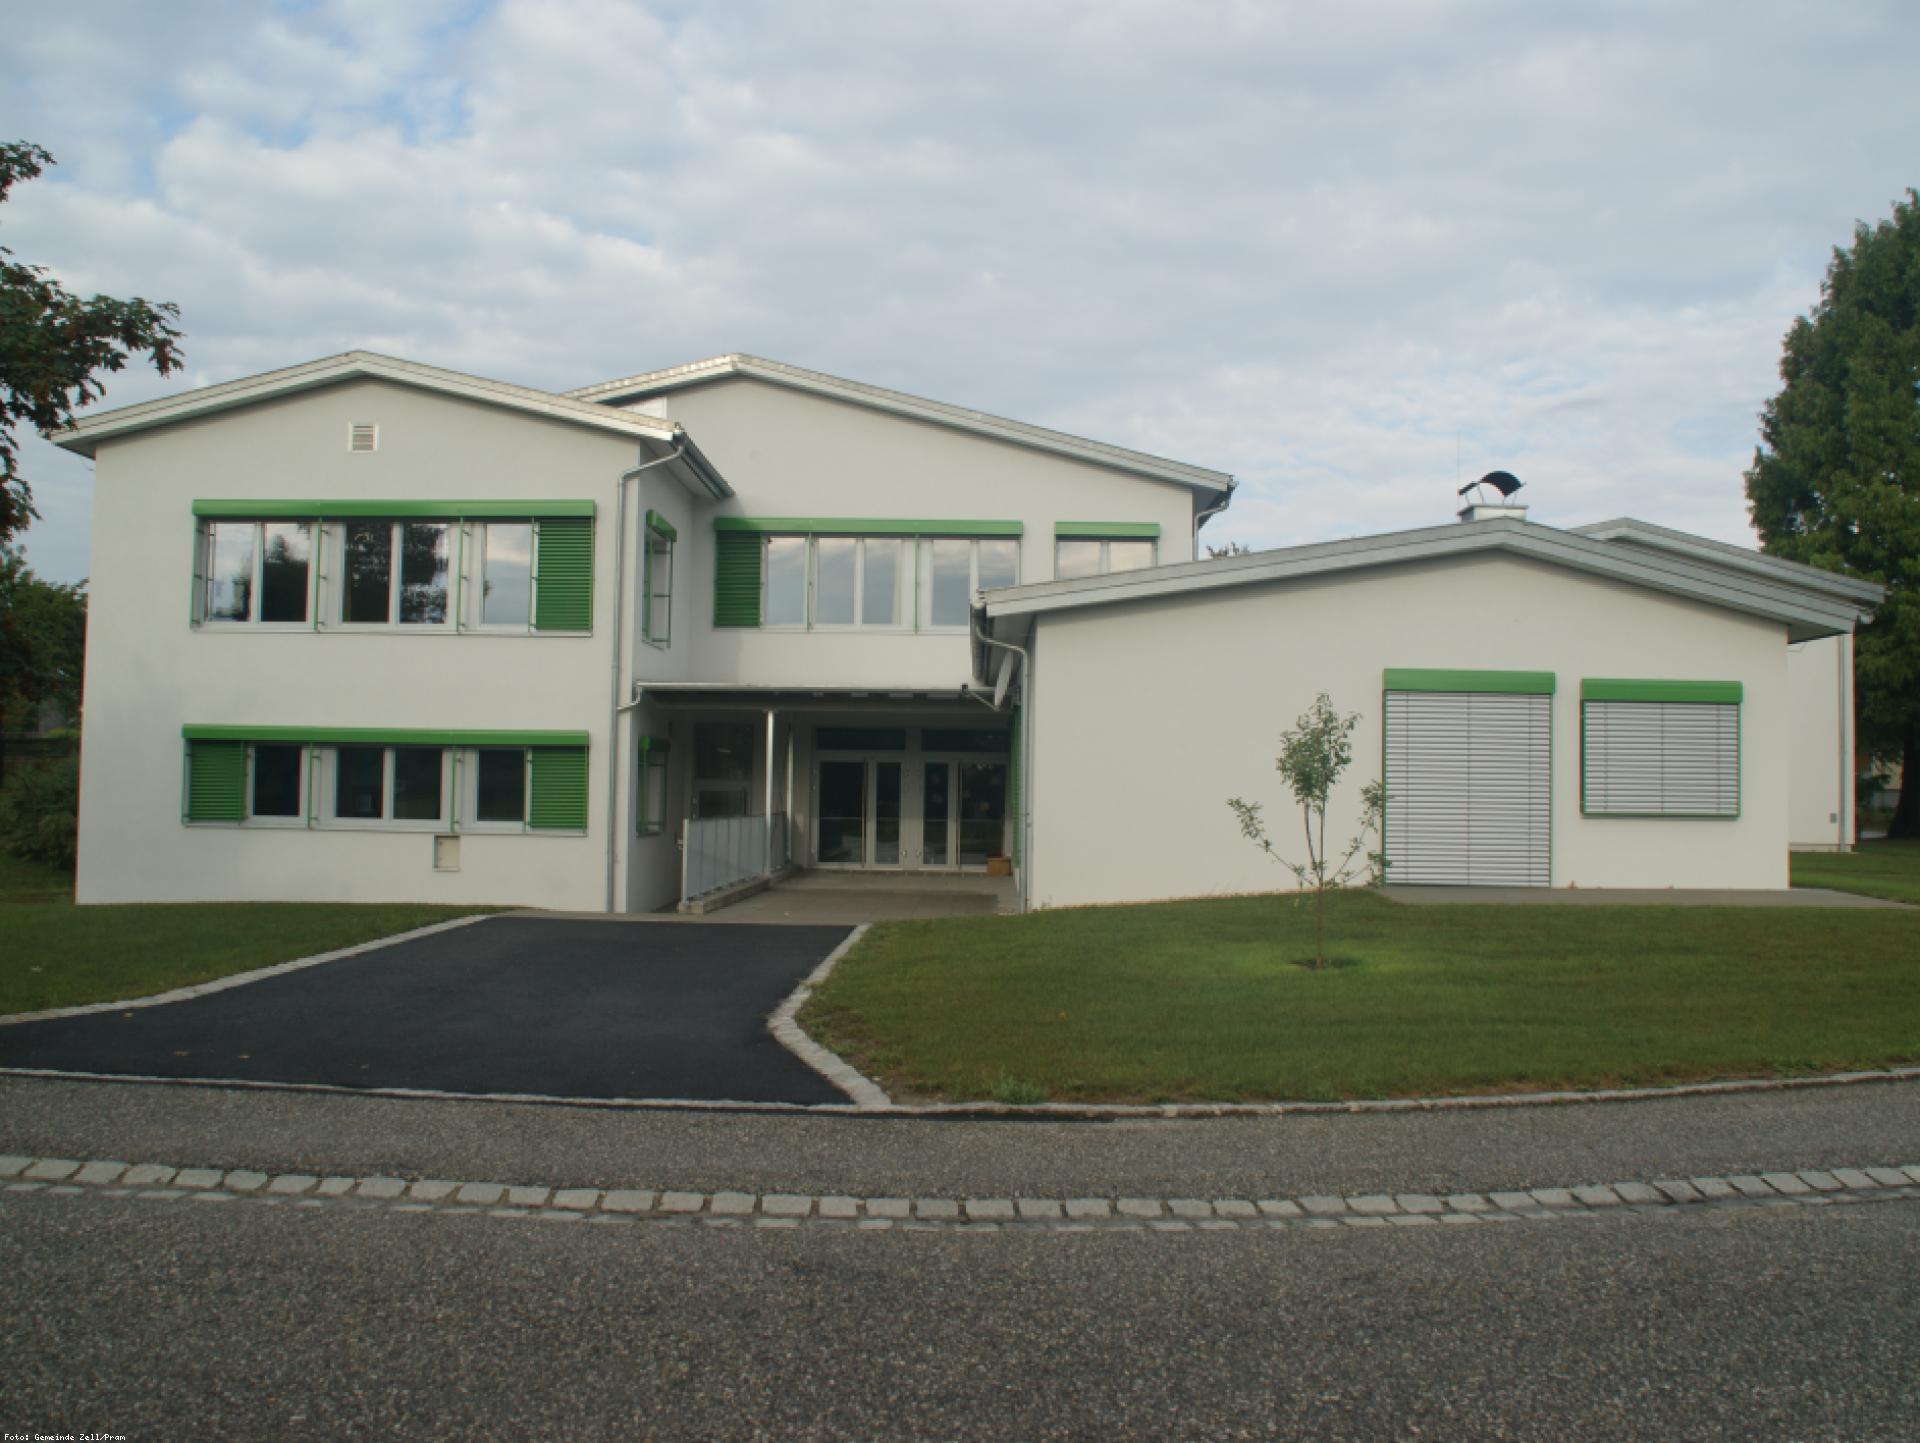 Mood-Image EBG Referenz: Sanierung Volksschule Zell/Pram   Bauabschnitt V - 2020